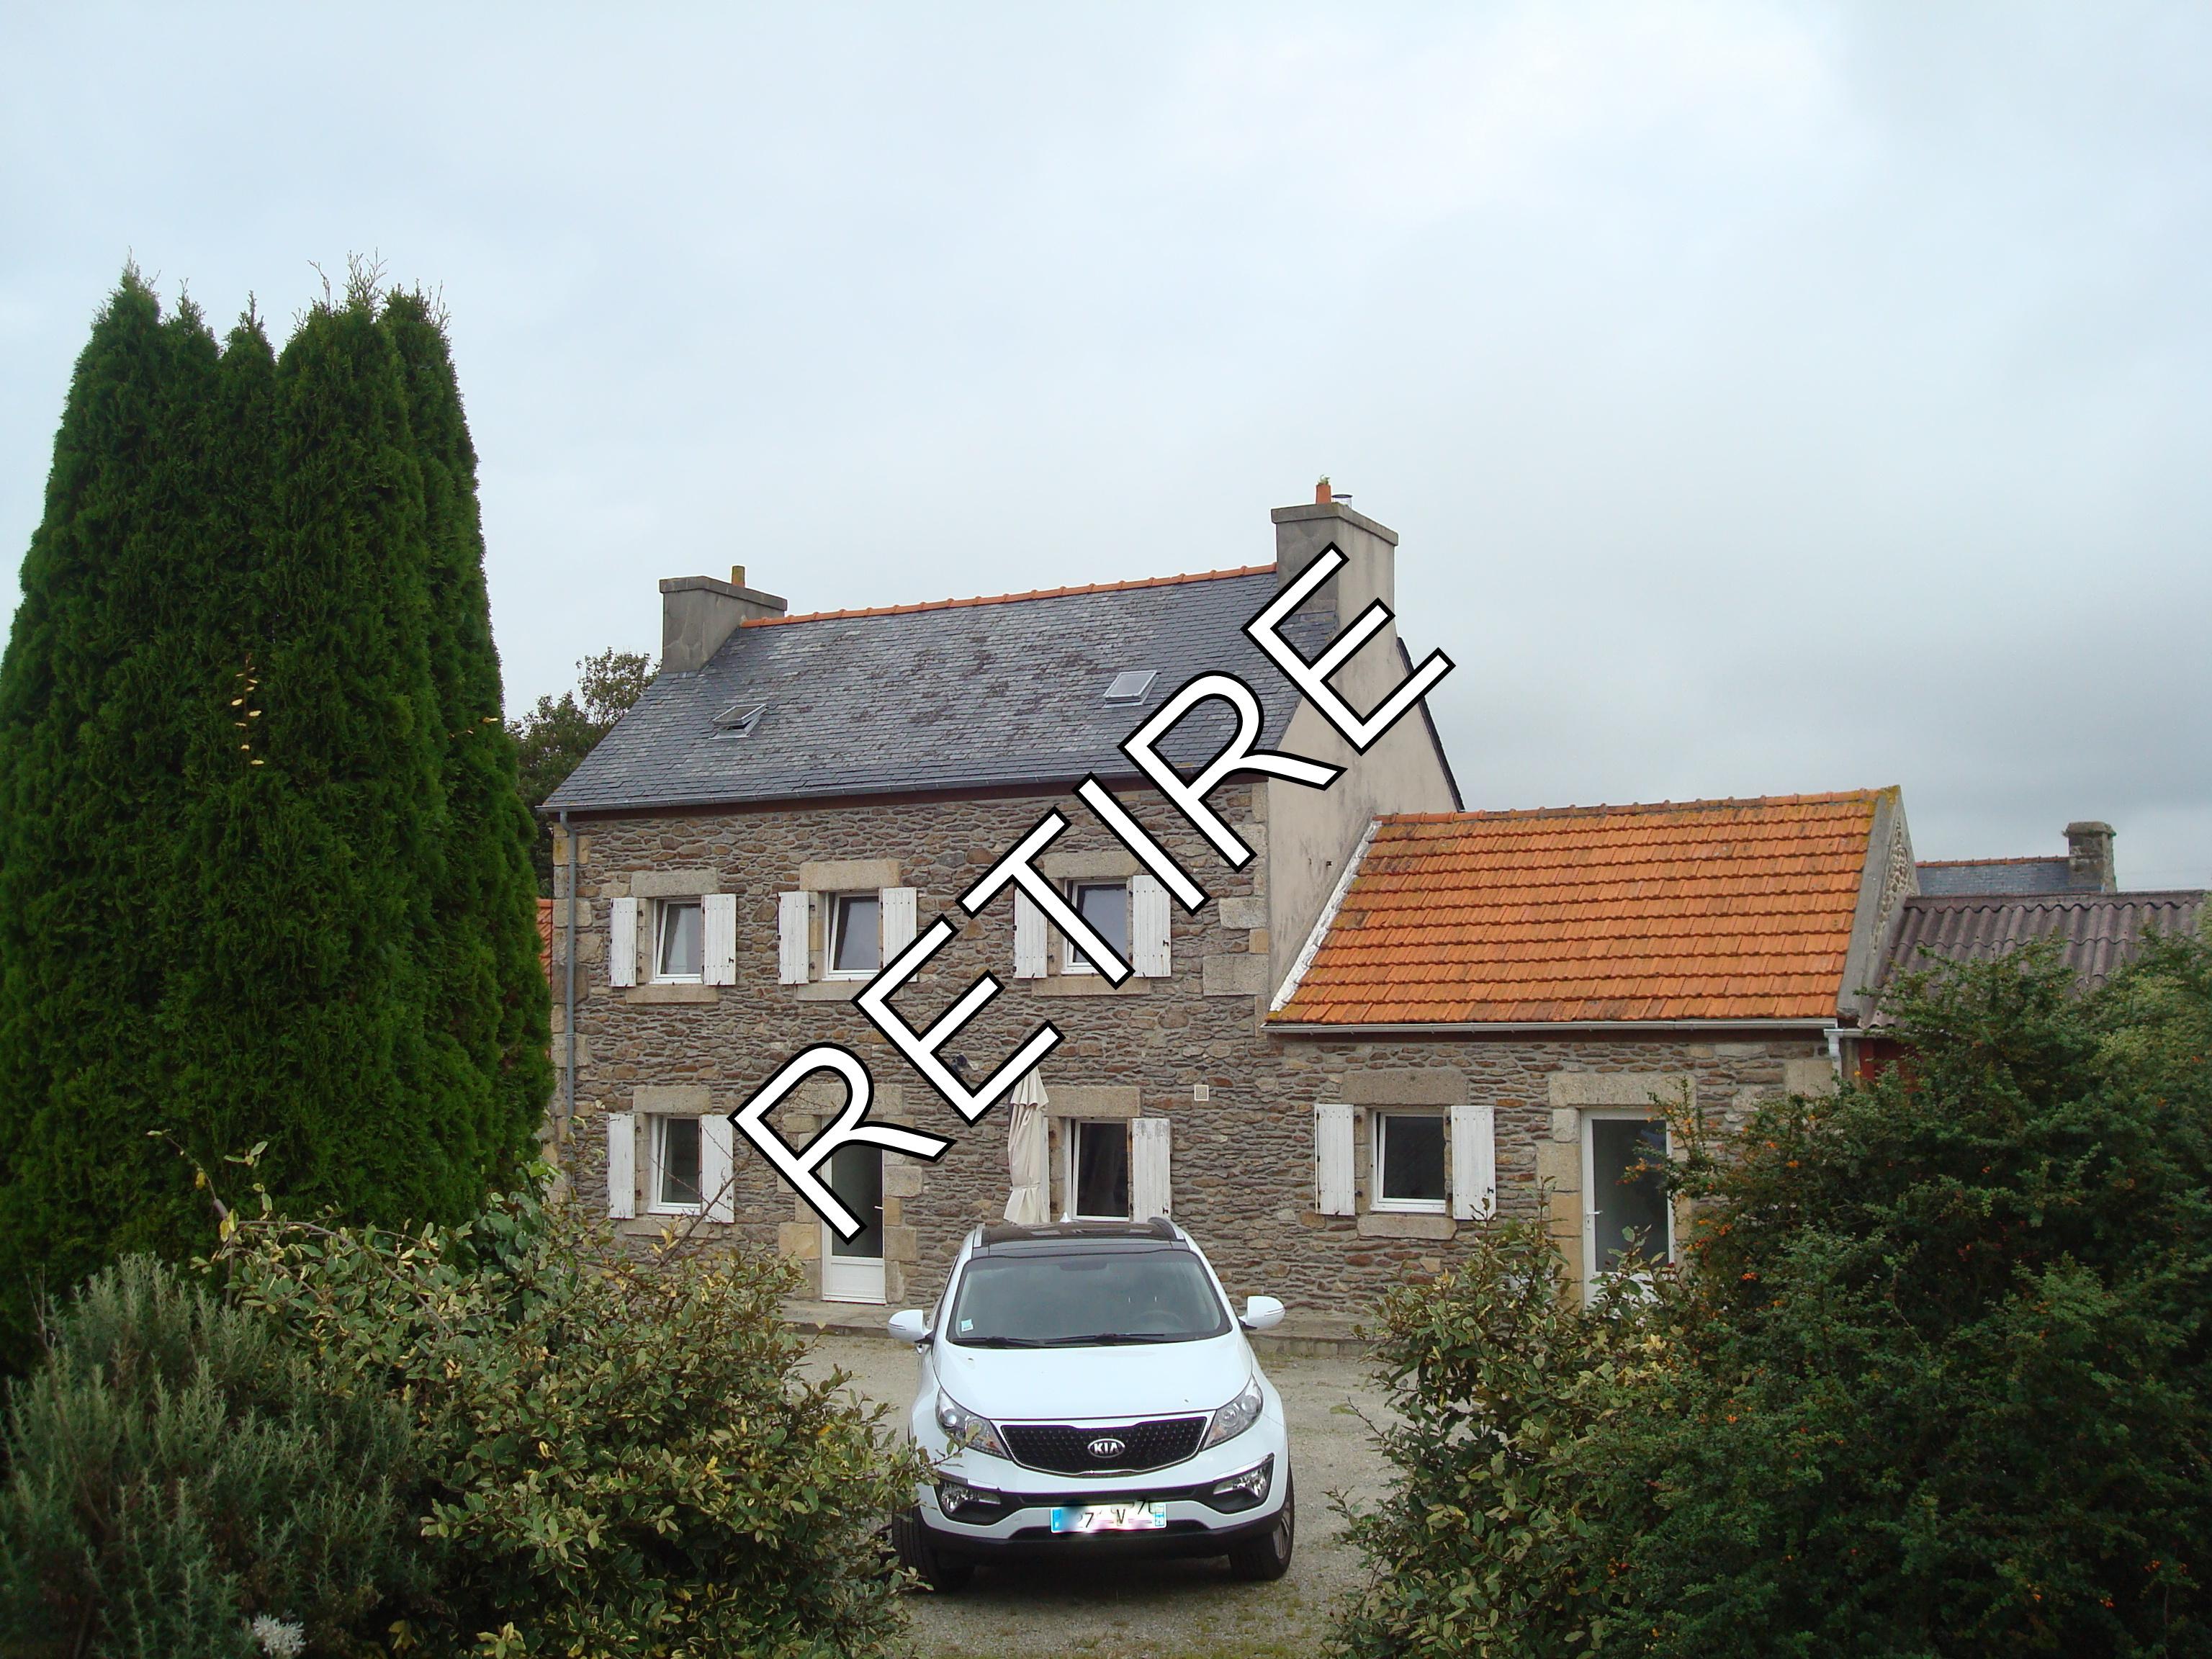 De maison brest great rnovation duune maison en pierre for Top garage brest